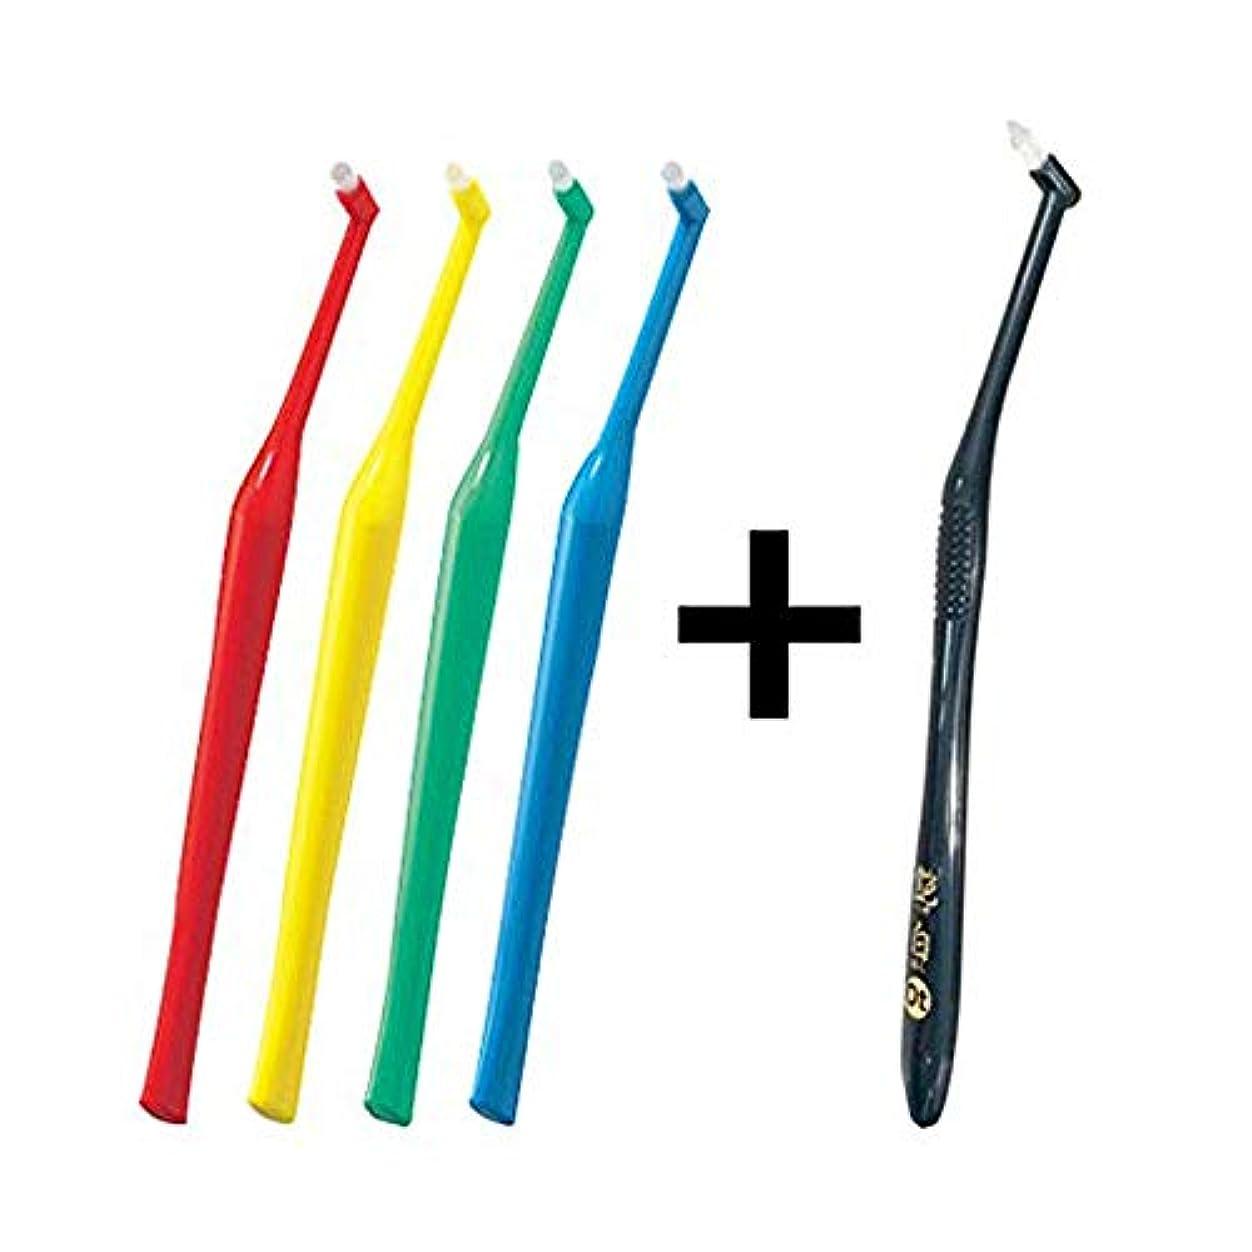 罰地獄リボンプラウト Plaut × 4本 アソート (S(ソフト))+艶白ワンタフト 歯ブラシ 1本 SS(とてもやわらかめ)